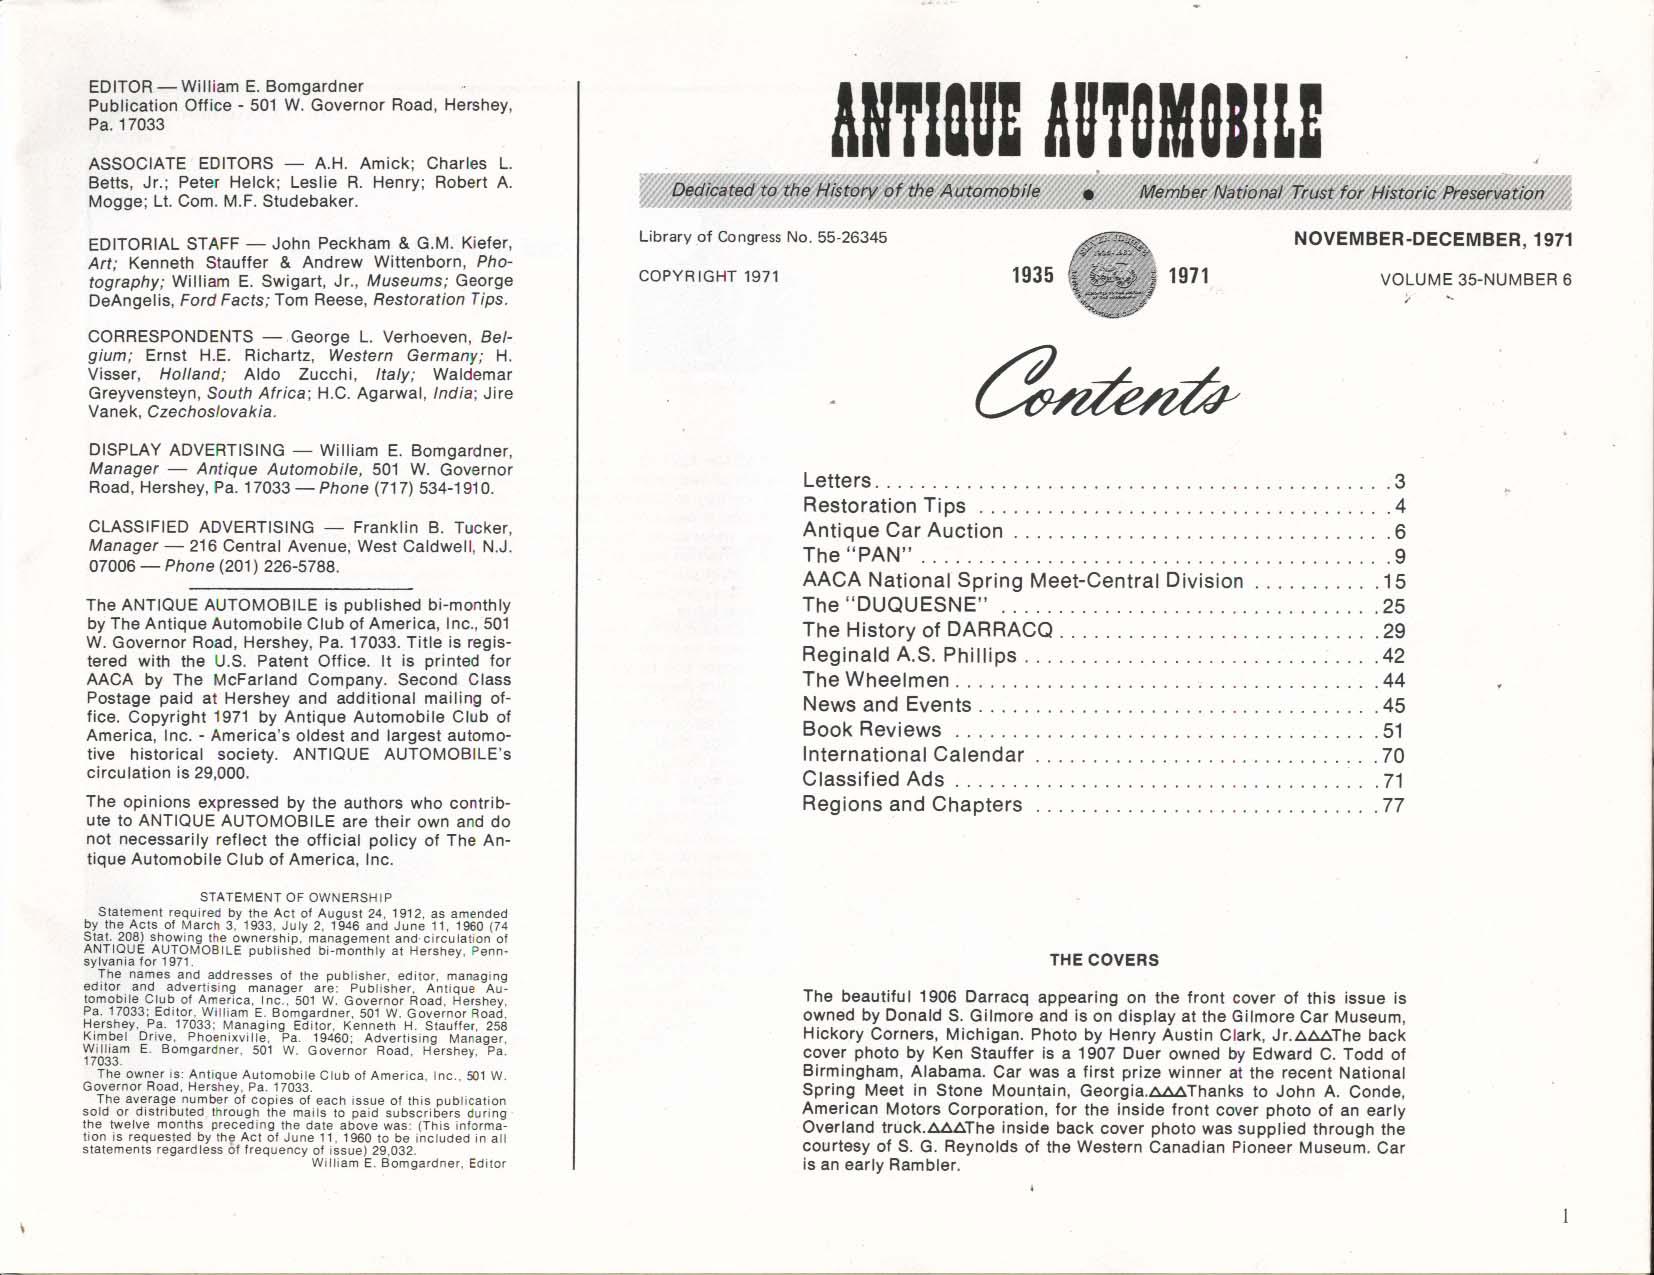 Image for ANTIQUE AUTOMOBILE Pan Duquesne DARRACQ Reginald A S Phillips ++ 11/12 1971